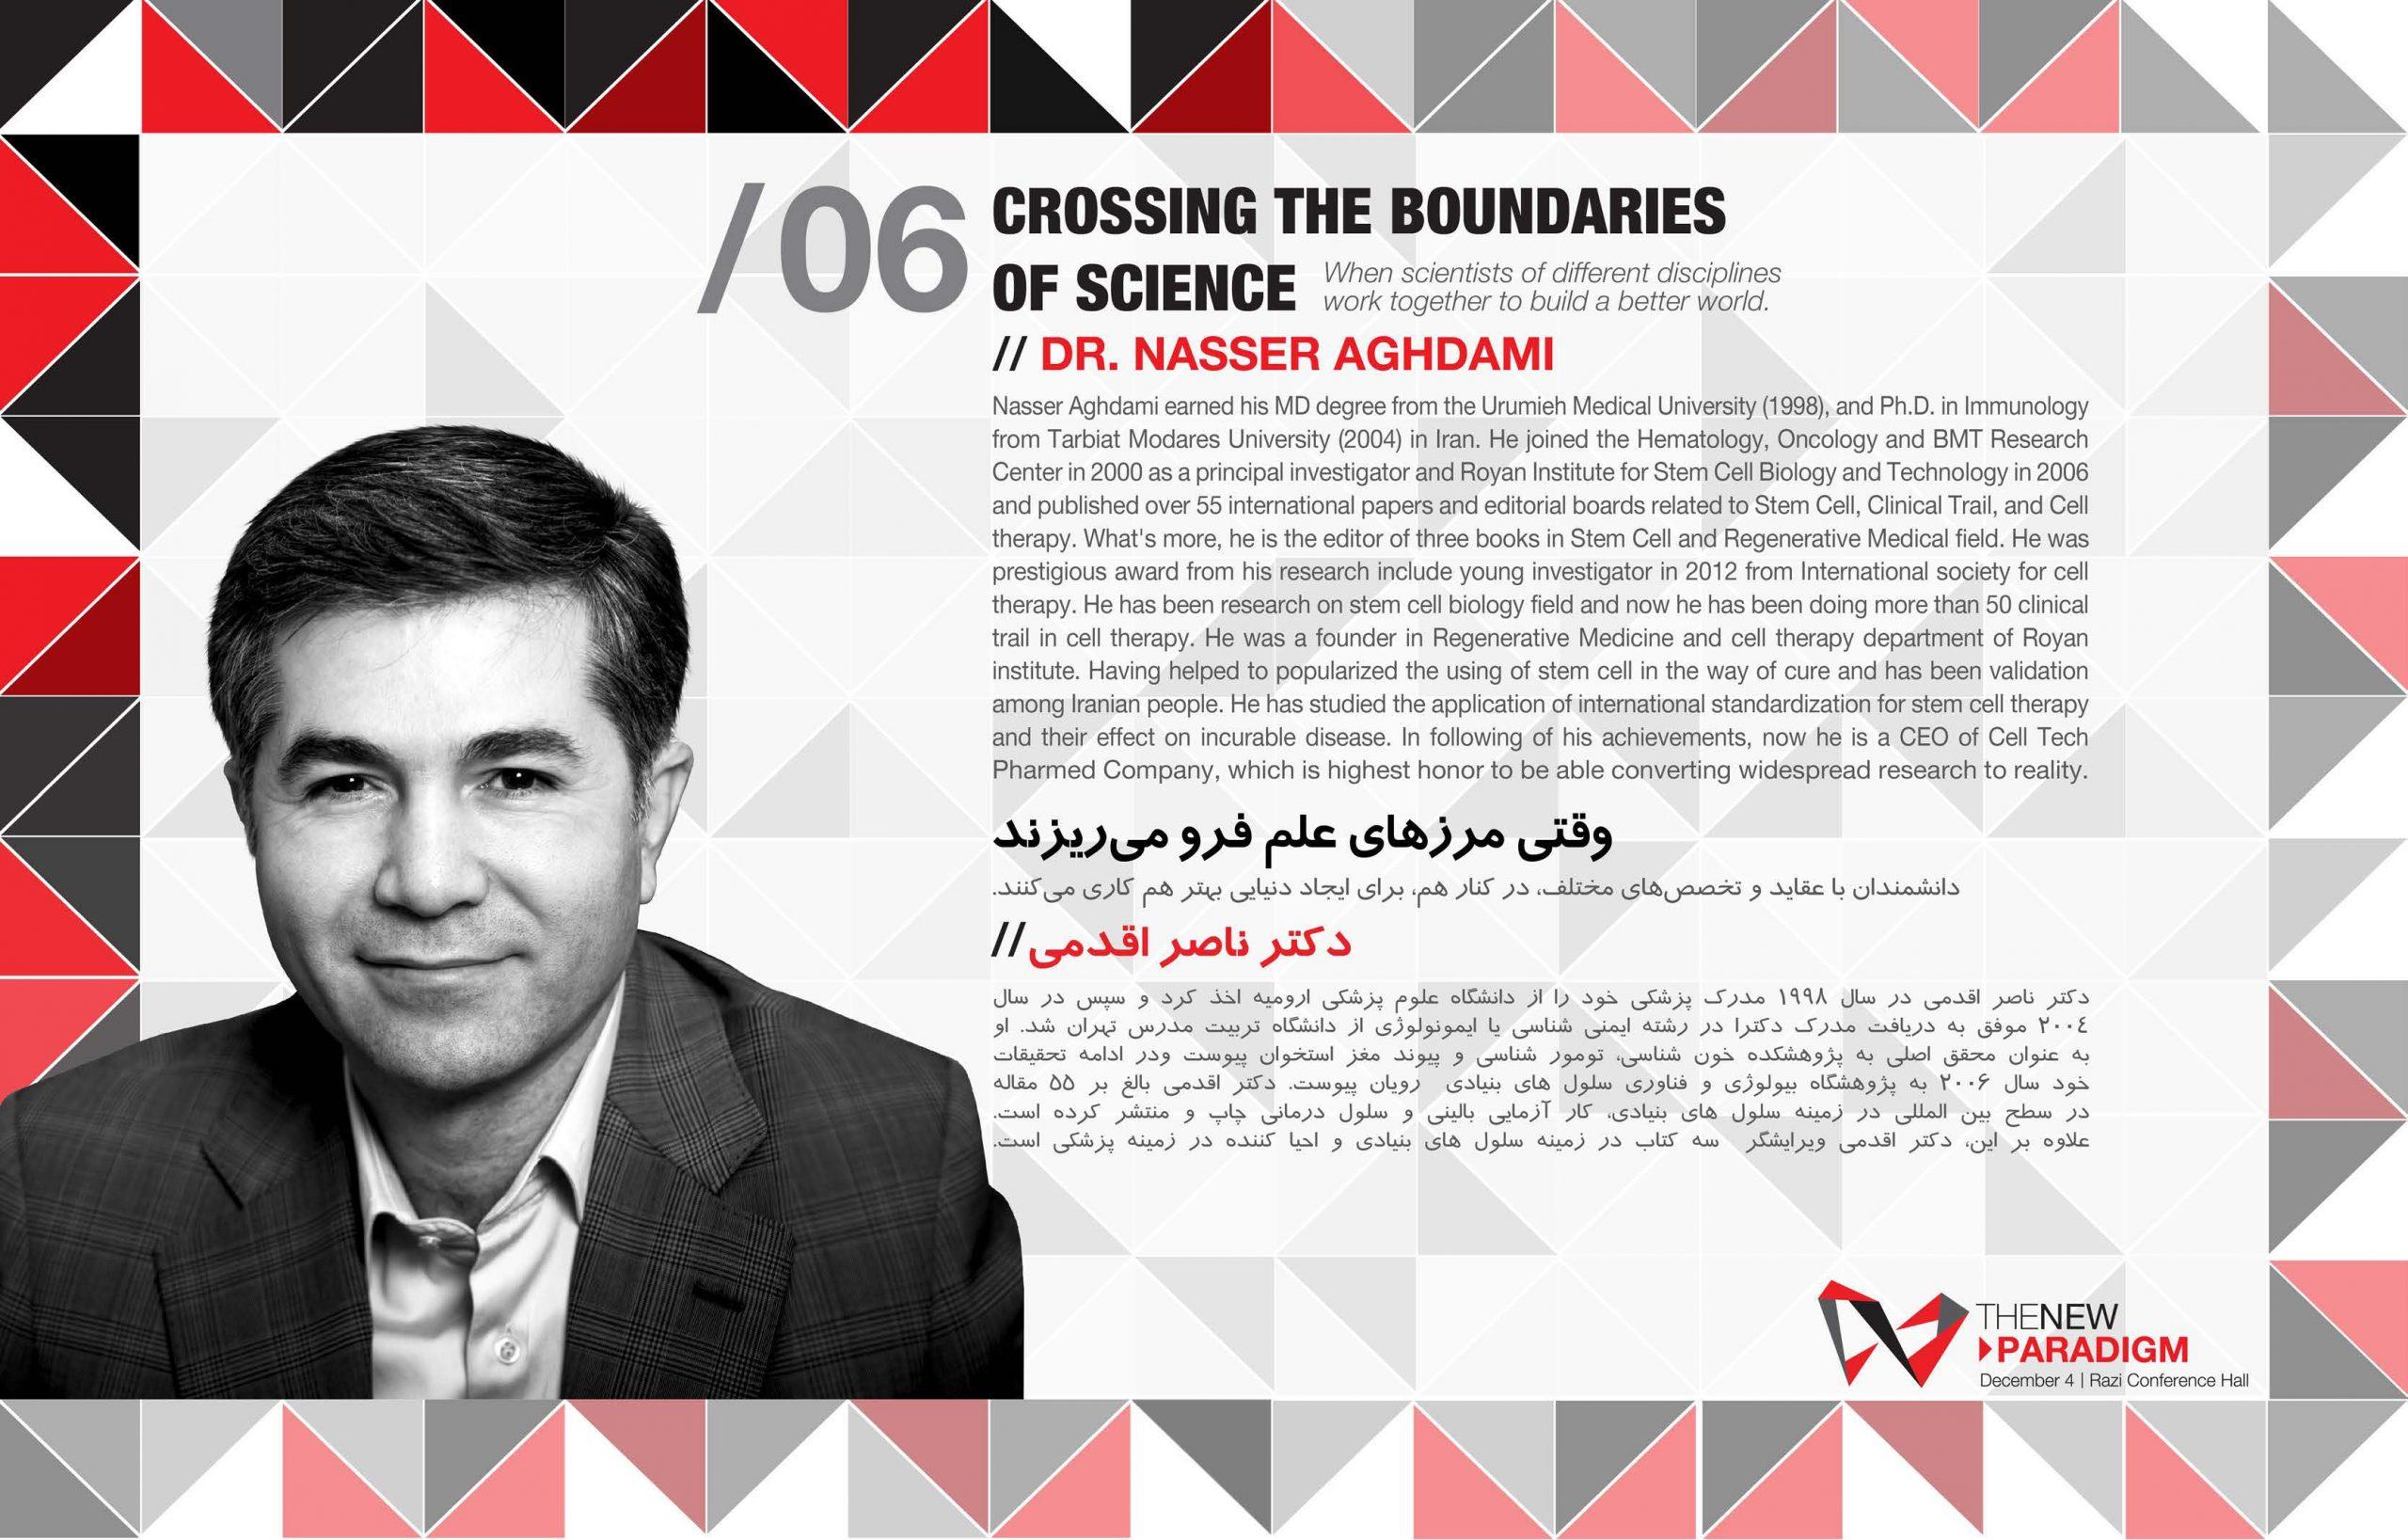 دکتر ناصر اقدمی